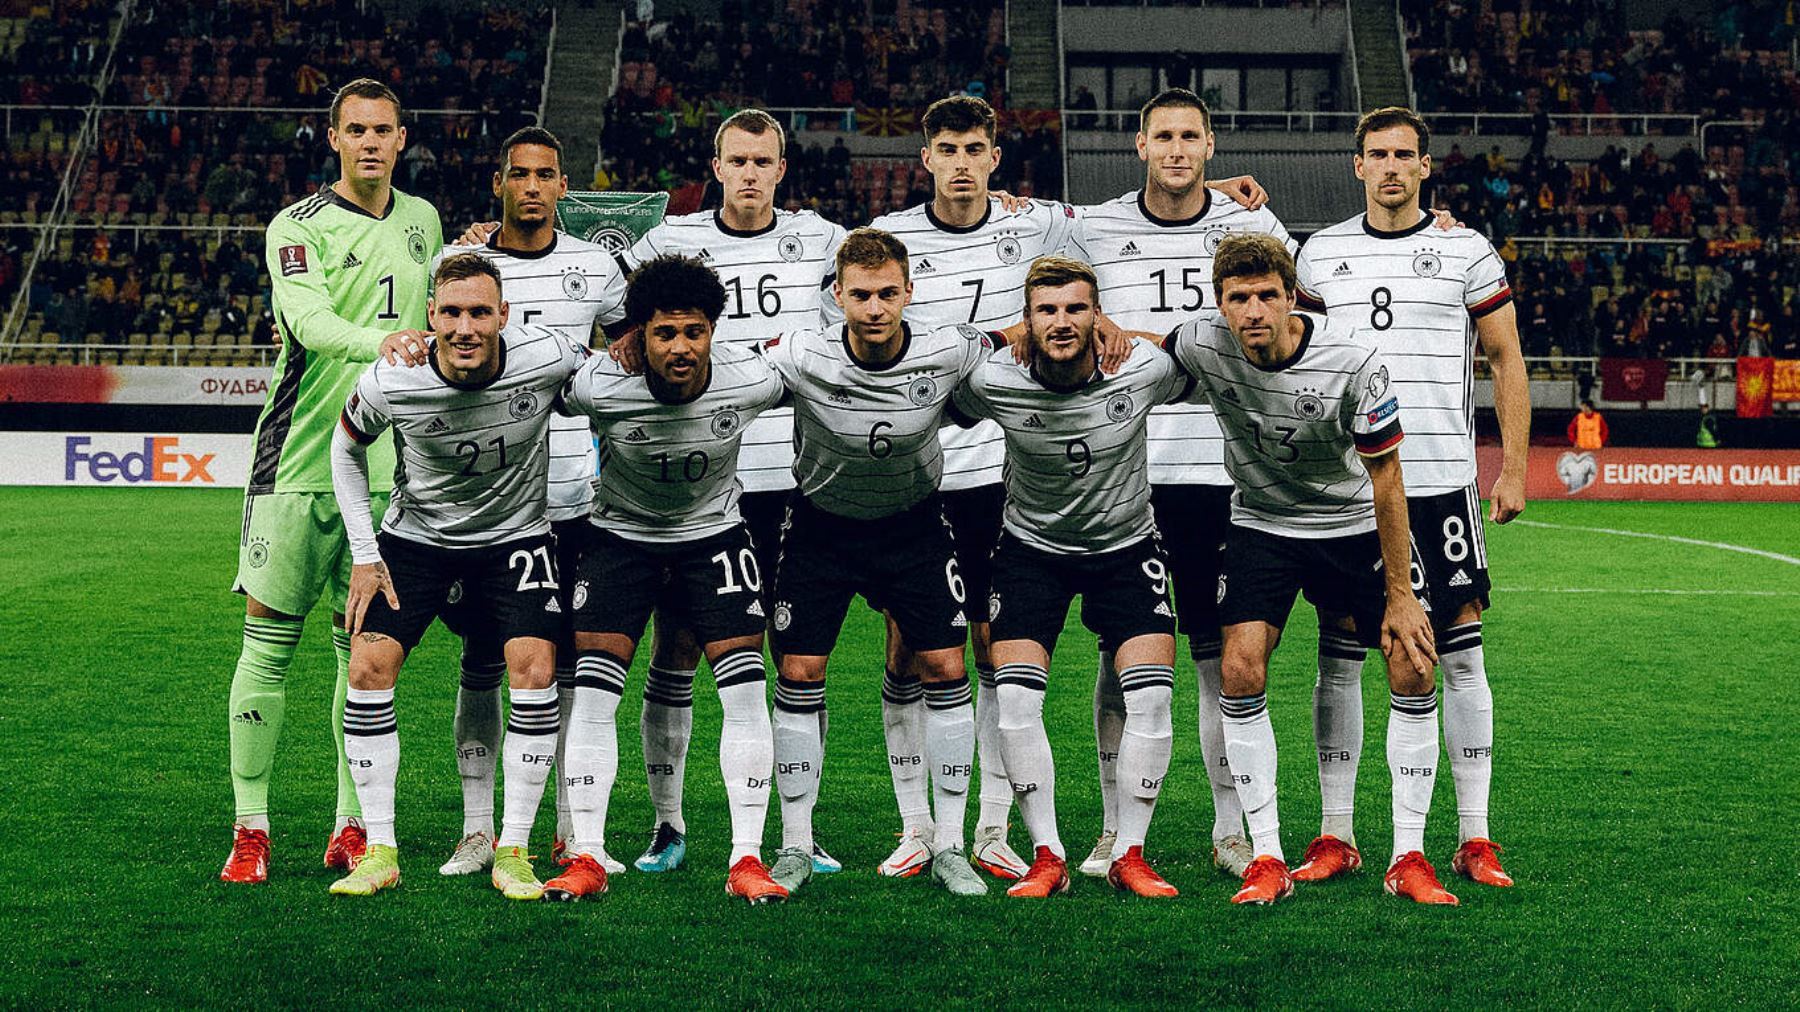 Mundial Catar 2022: ¿Alemania es favorita para levantar la Copa del Mundo?